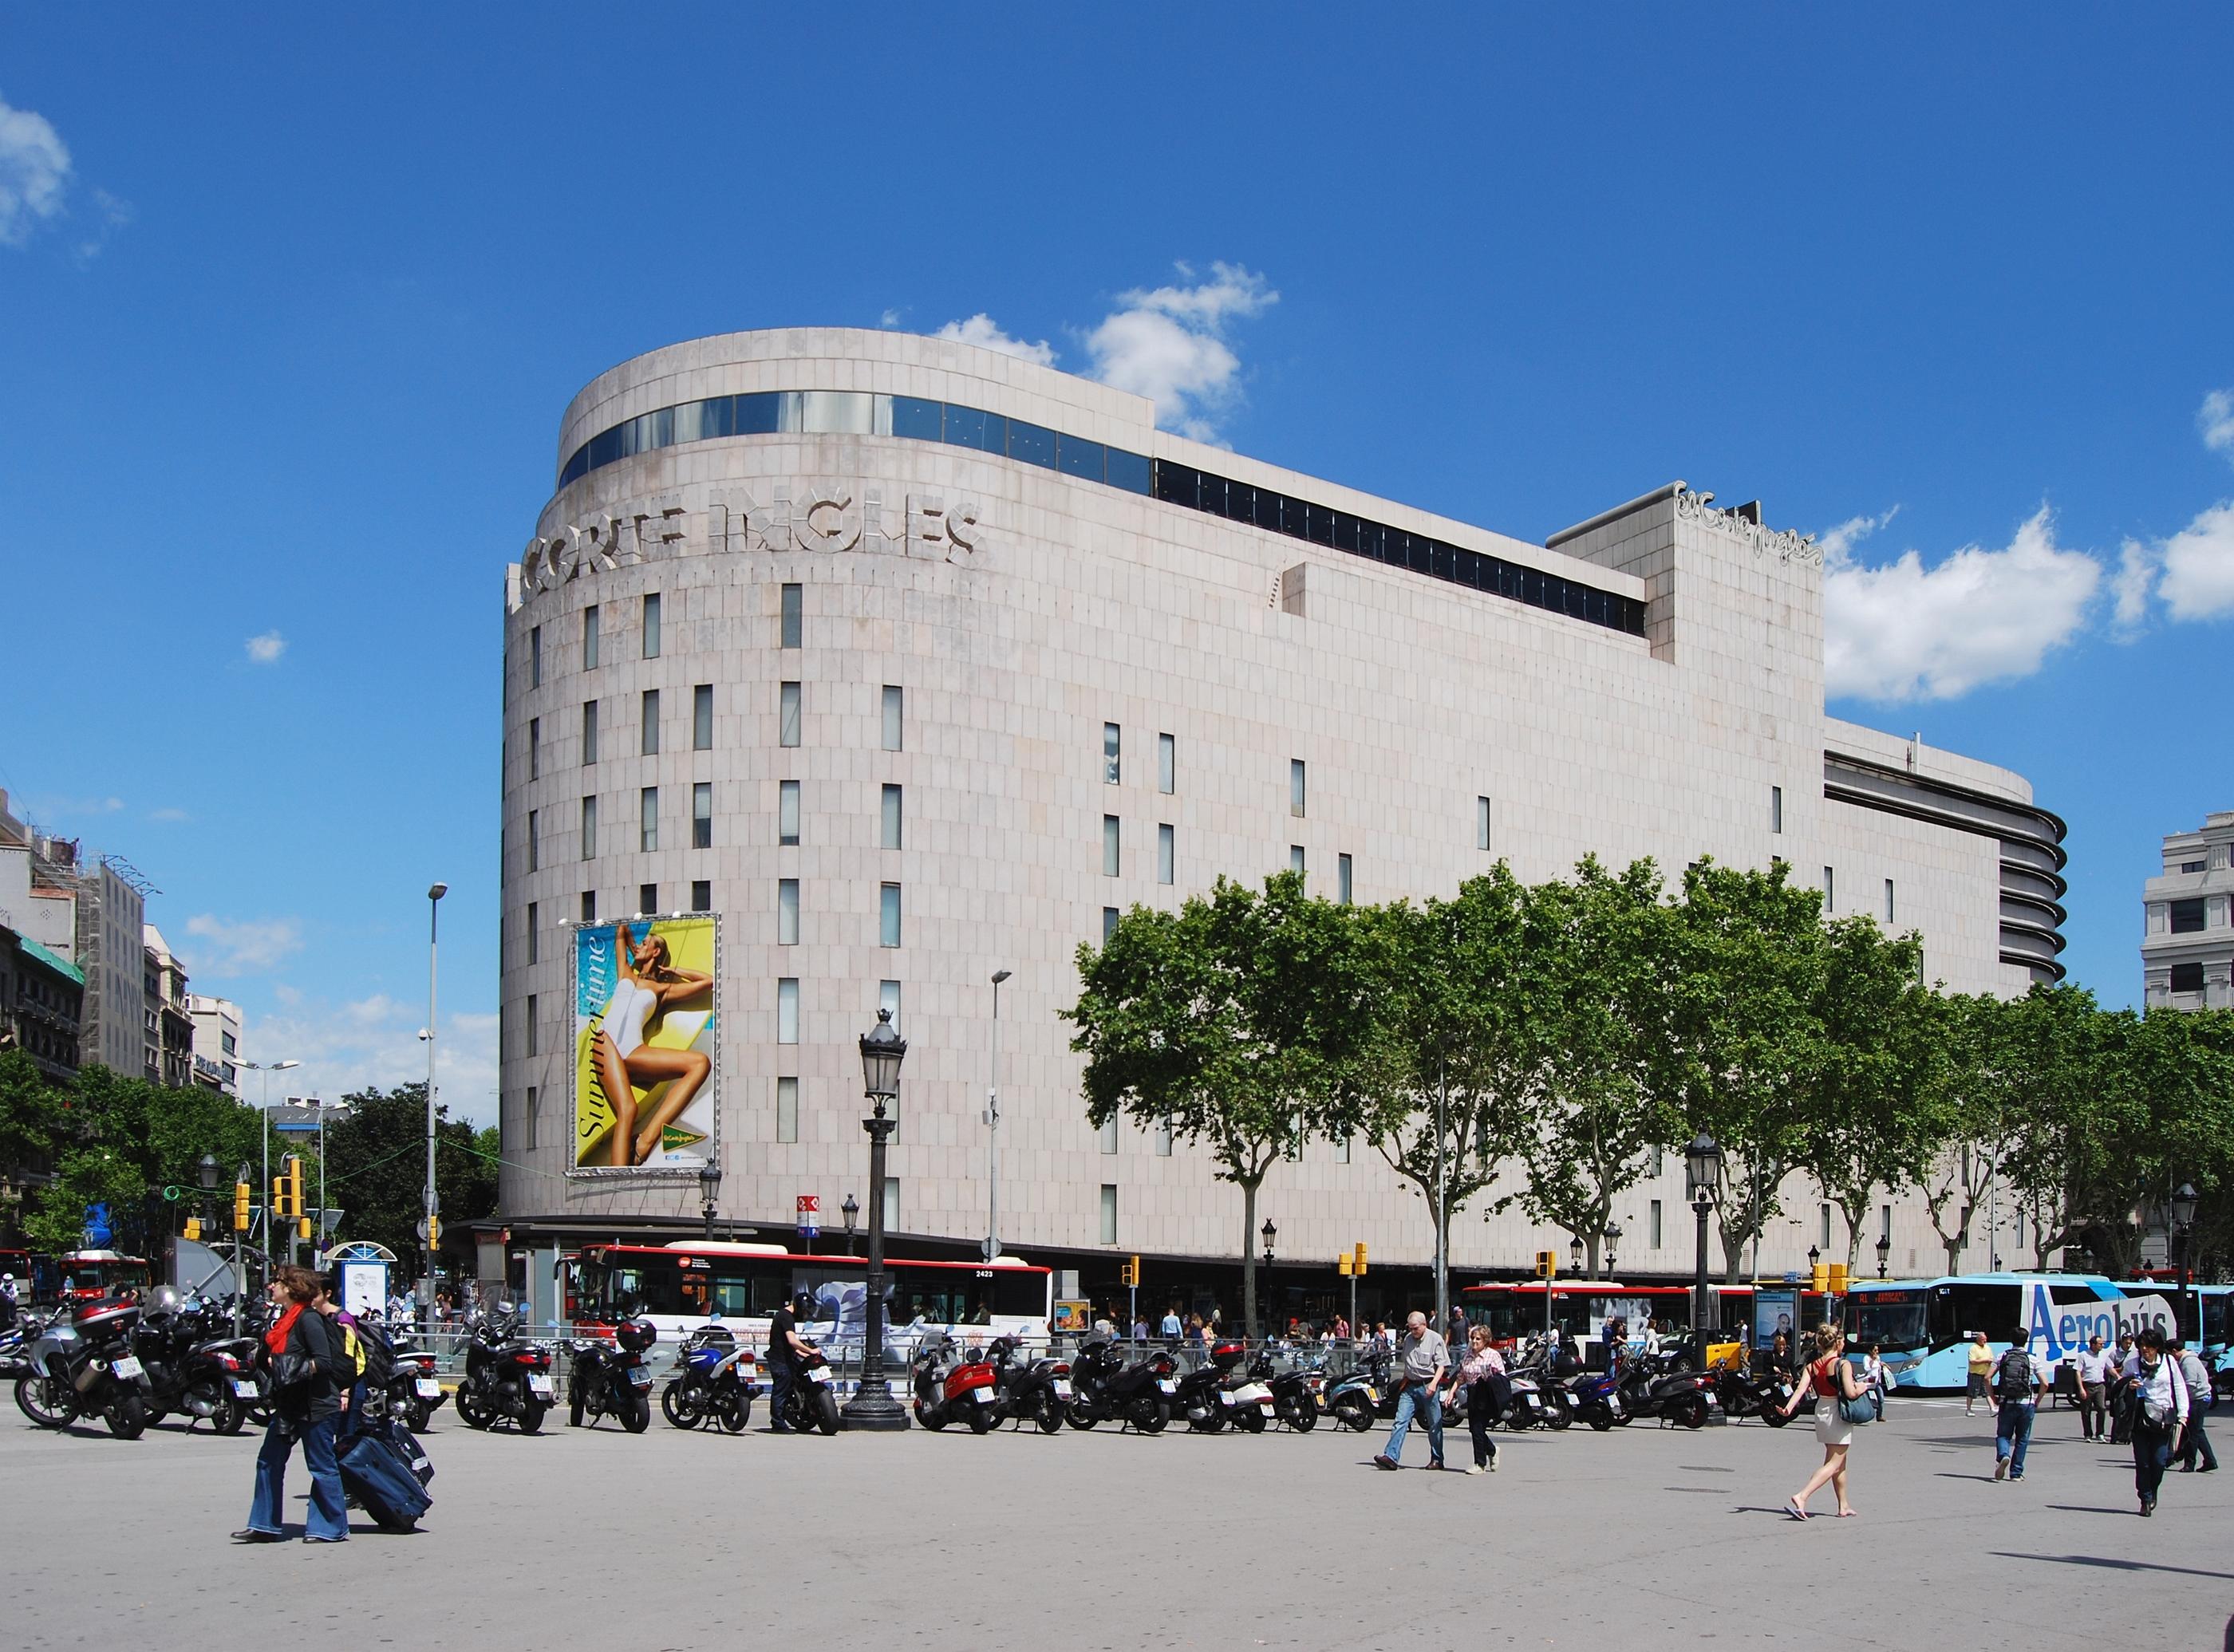 El_Corte_Ingls_Barcelona_Plaa_de_Catalunya_2013jpg